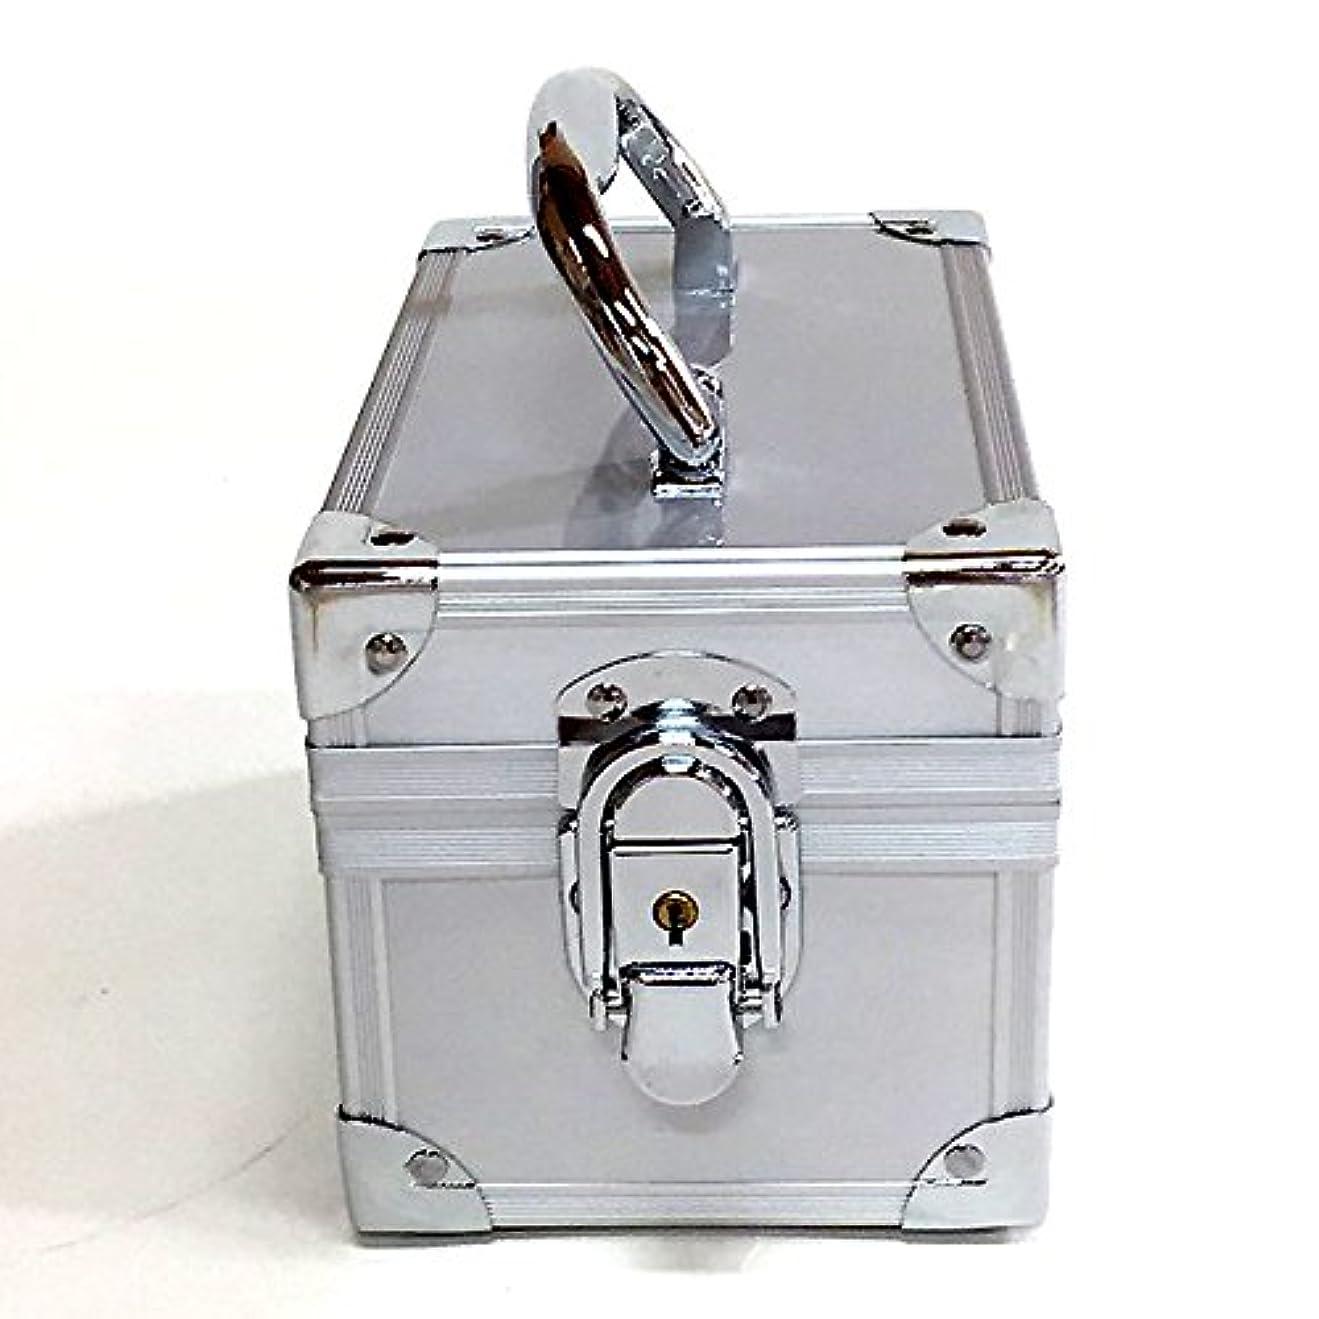 付録ブレイズ供給イケナガ(IKENAGA) メイクボックス ミニ B2401 [シルバー] 化粧品収納 鏡付き 工具箱 ツールボックス 小物入れ メイクポーチ